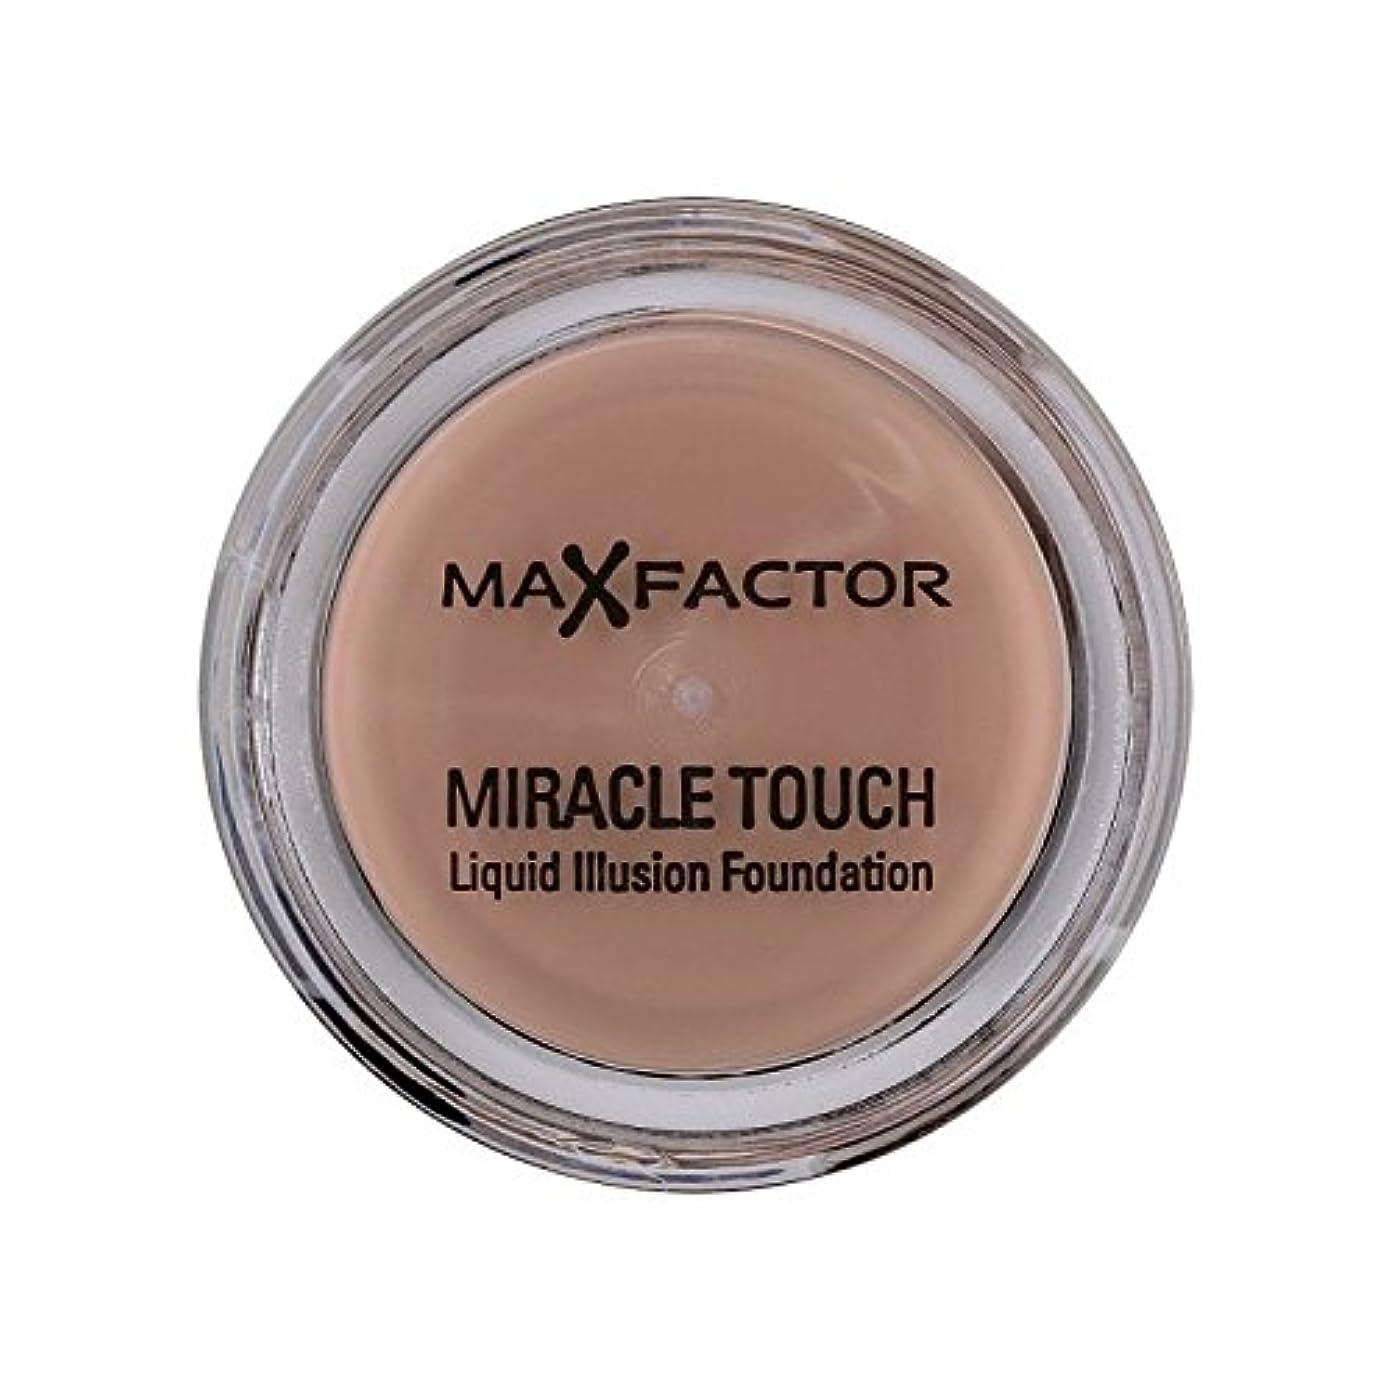 生き物ガラガラ槍マックスファクターの奇跡のタッチ基盤の自然70 x2 - Max Factor Miracle Touch Foundation Natural 70 (Pack of 2) [並行輸入品]